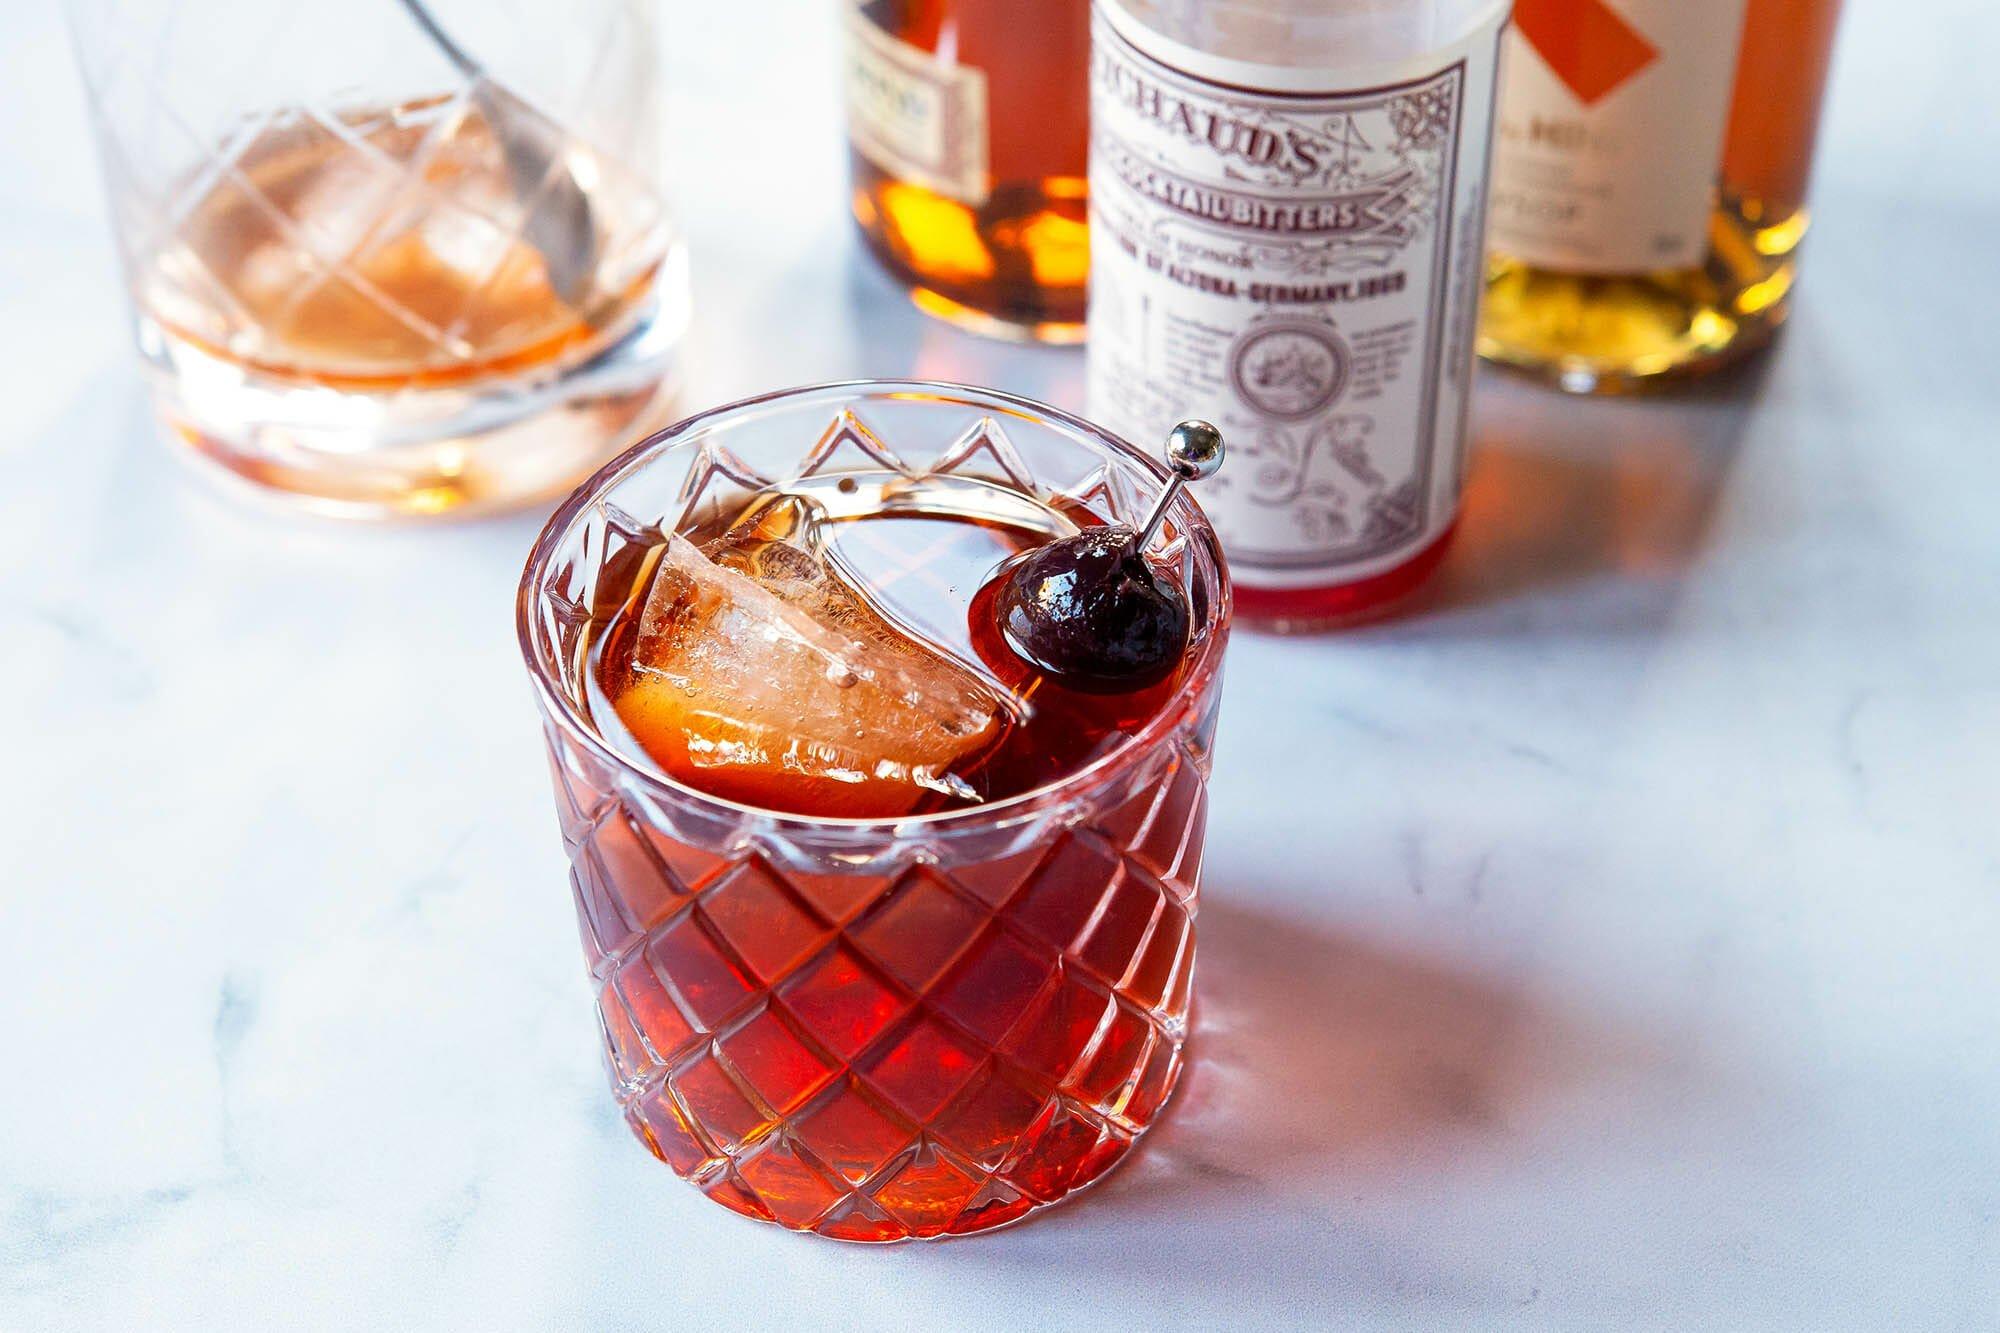 Vieux carre в бокале для виски с ингредиентами